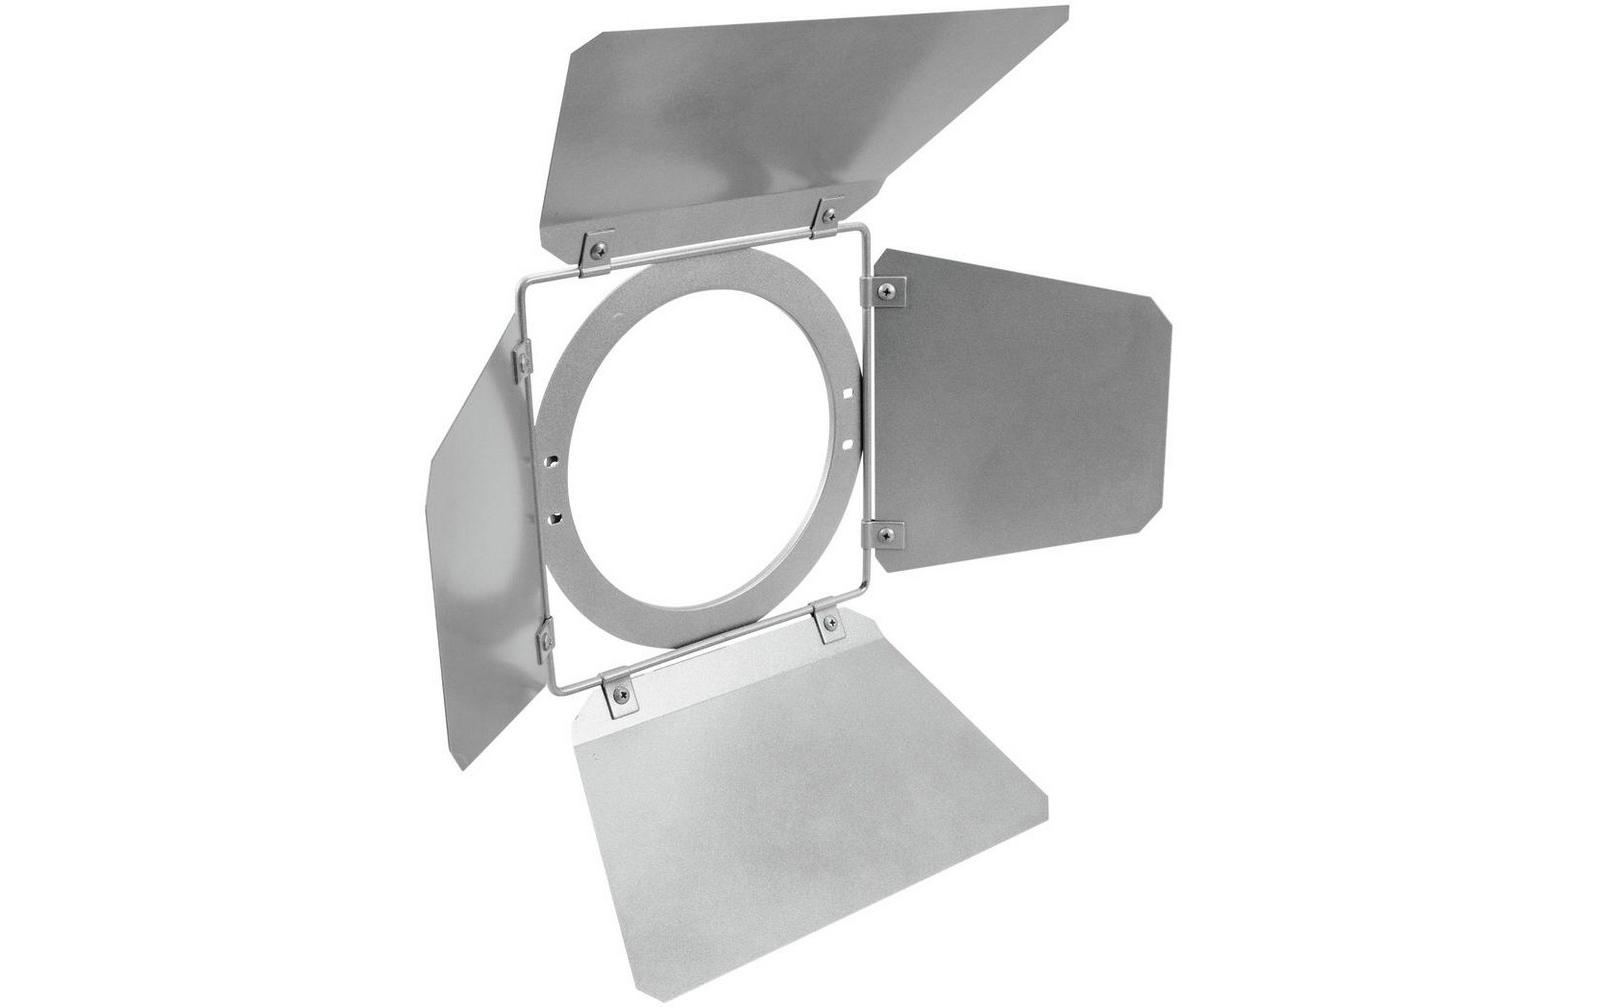 eurolite-fla-gelbegrenzer-213x213mm-sil